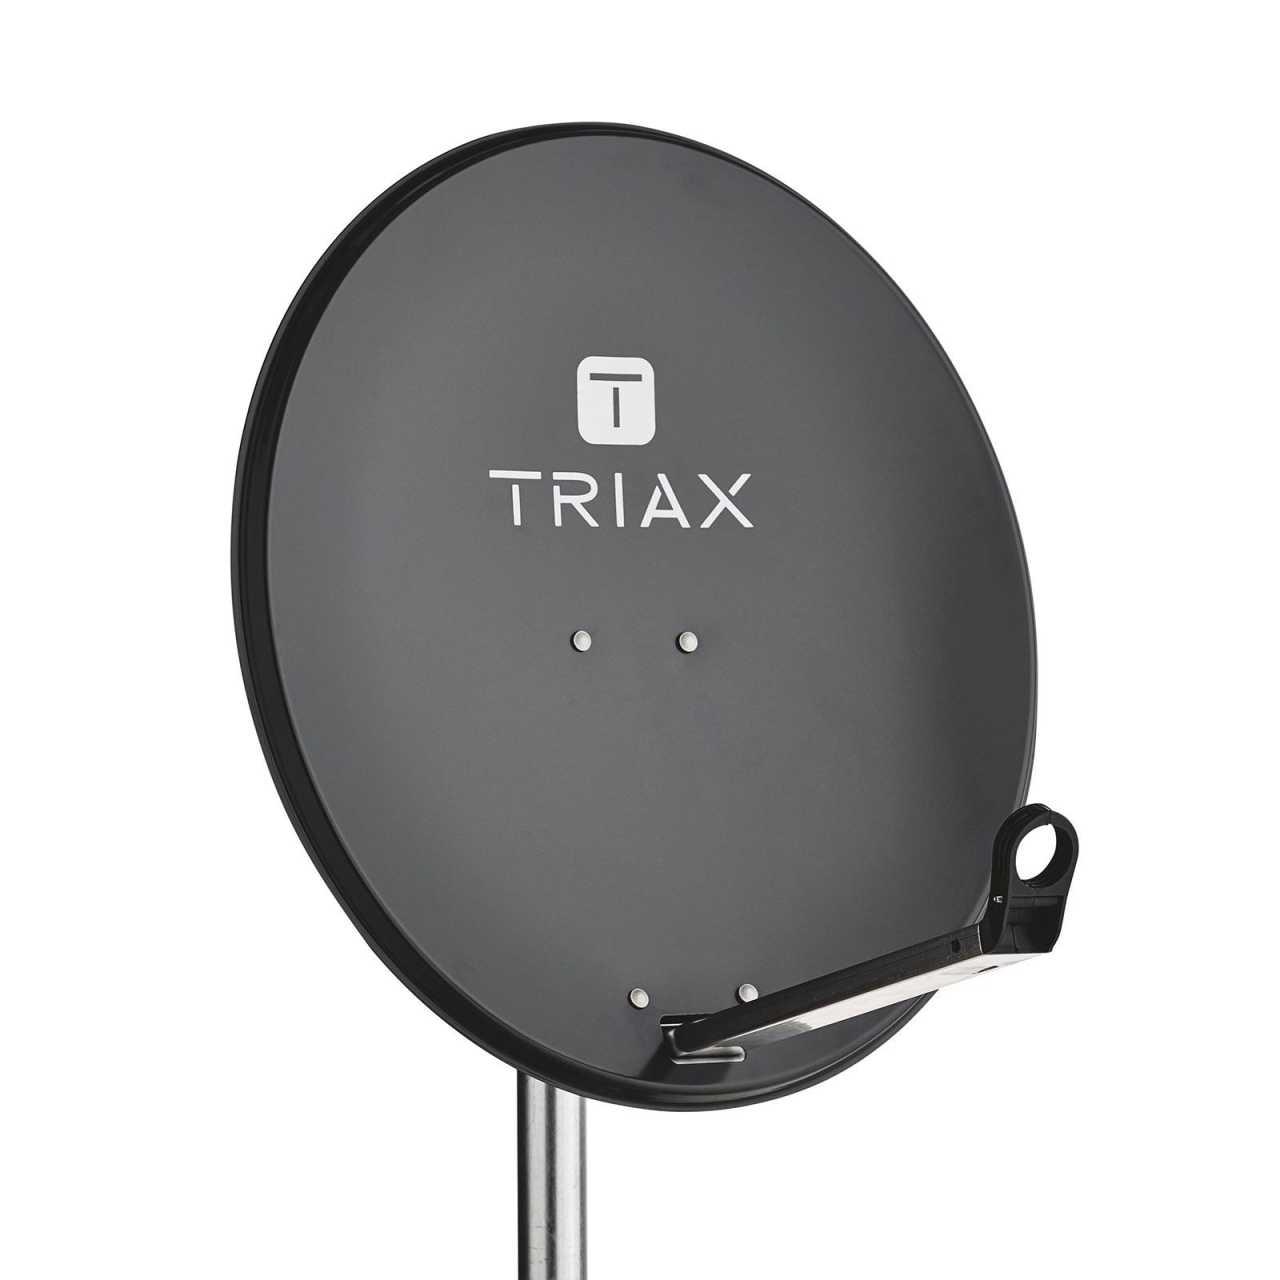 TRIAX TDS 65A Sat Antenne Stahl 65cm Anthrazit Satelliten Spiegel RAL 7016 ANTTRIA01